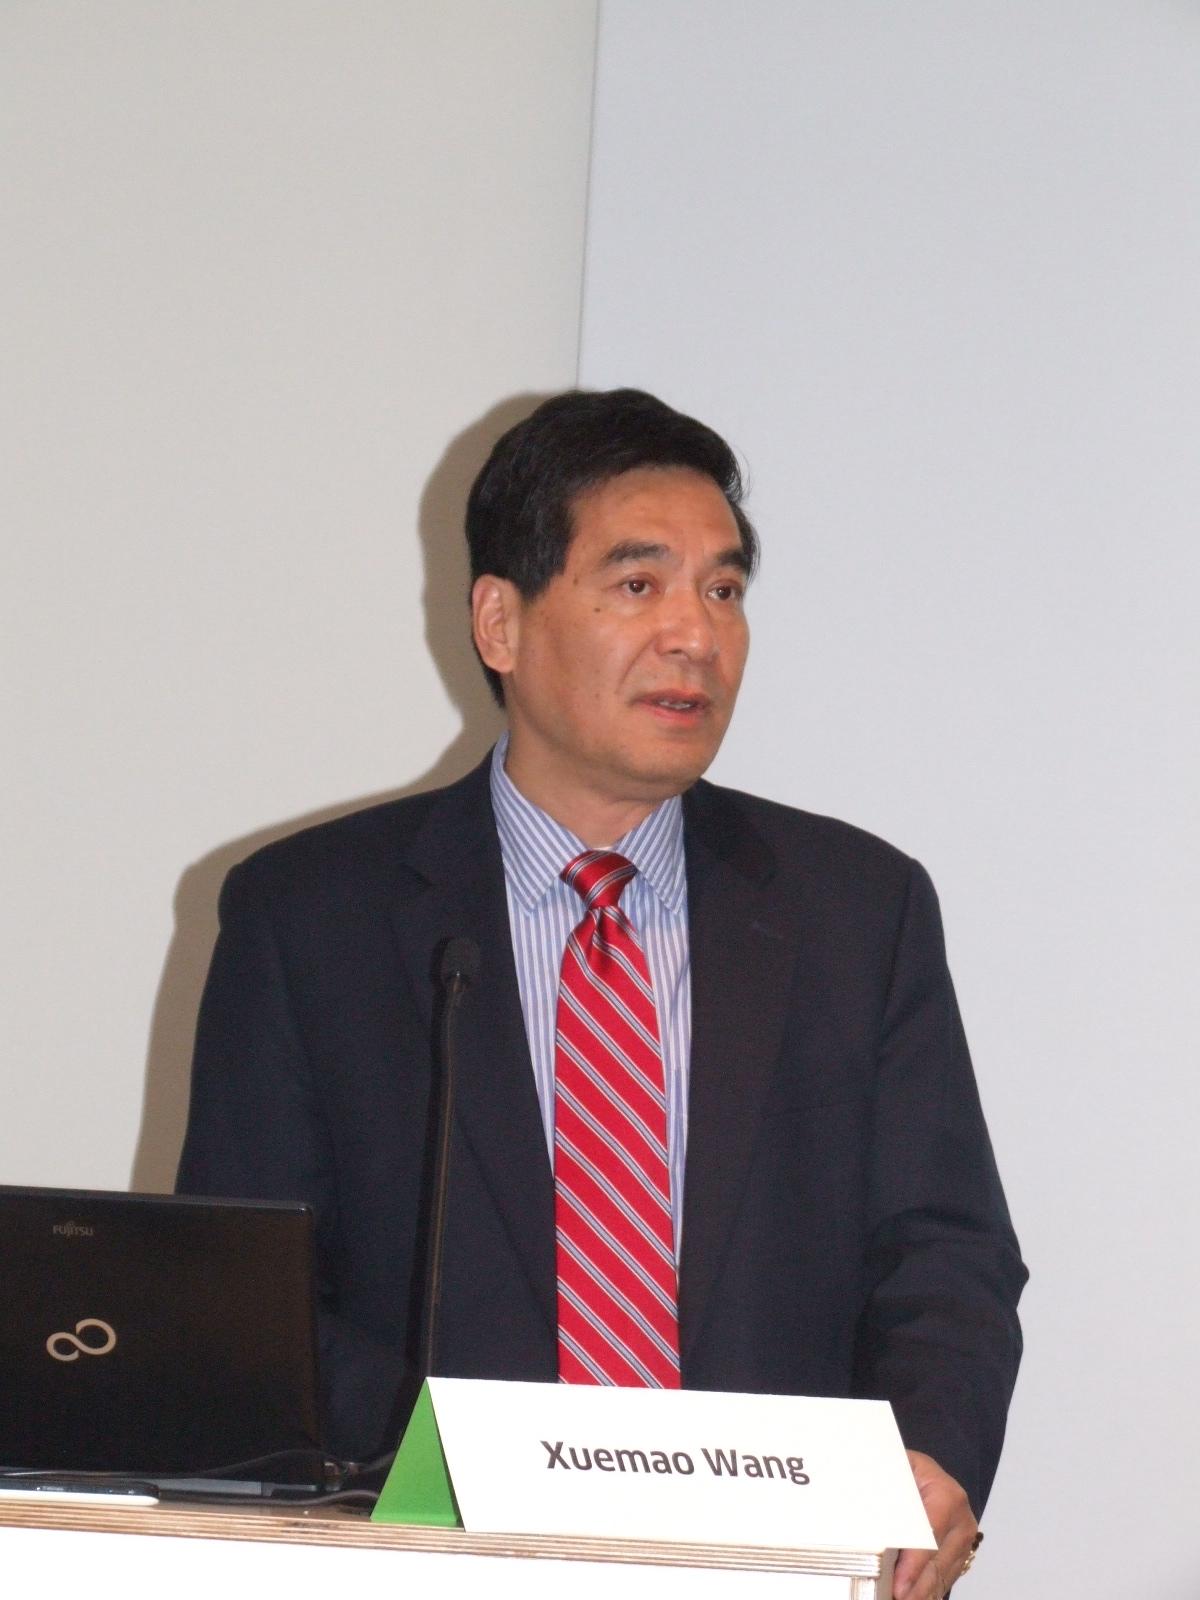 Xuemao Wang